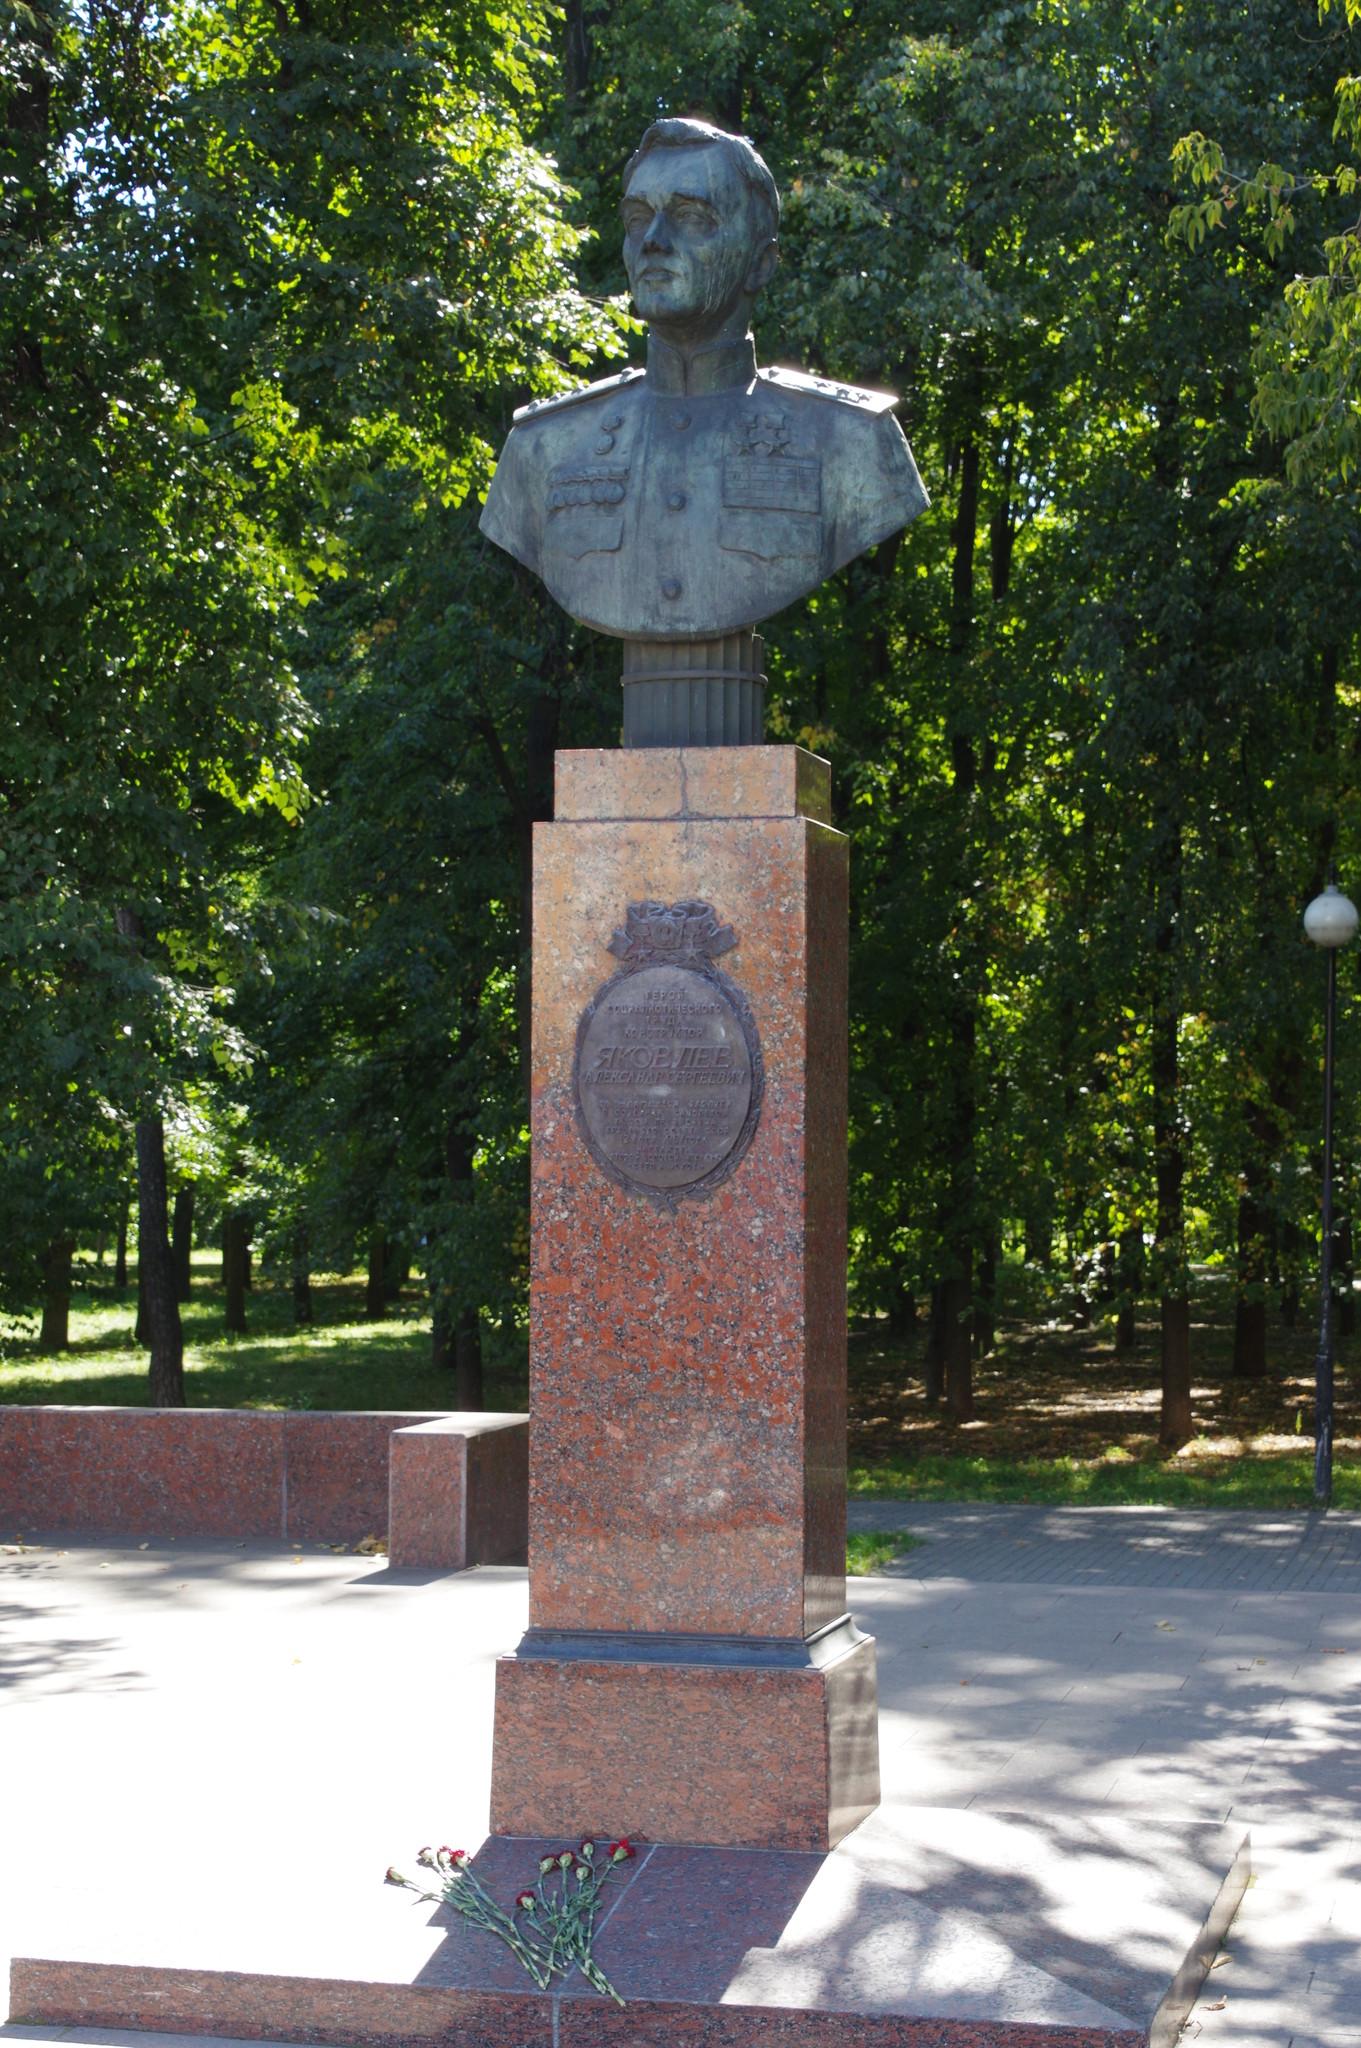 Памятник-бюст выдающемуся авиаконструктору герерал-полковнику авиации Александру Сергеевичу Яковлеву